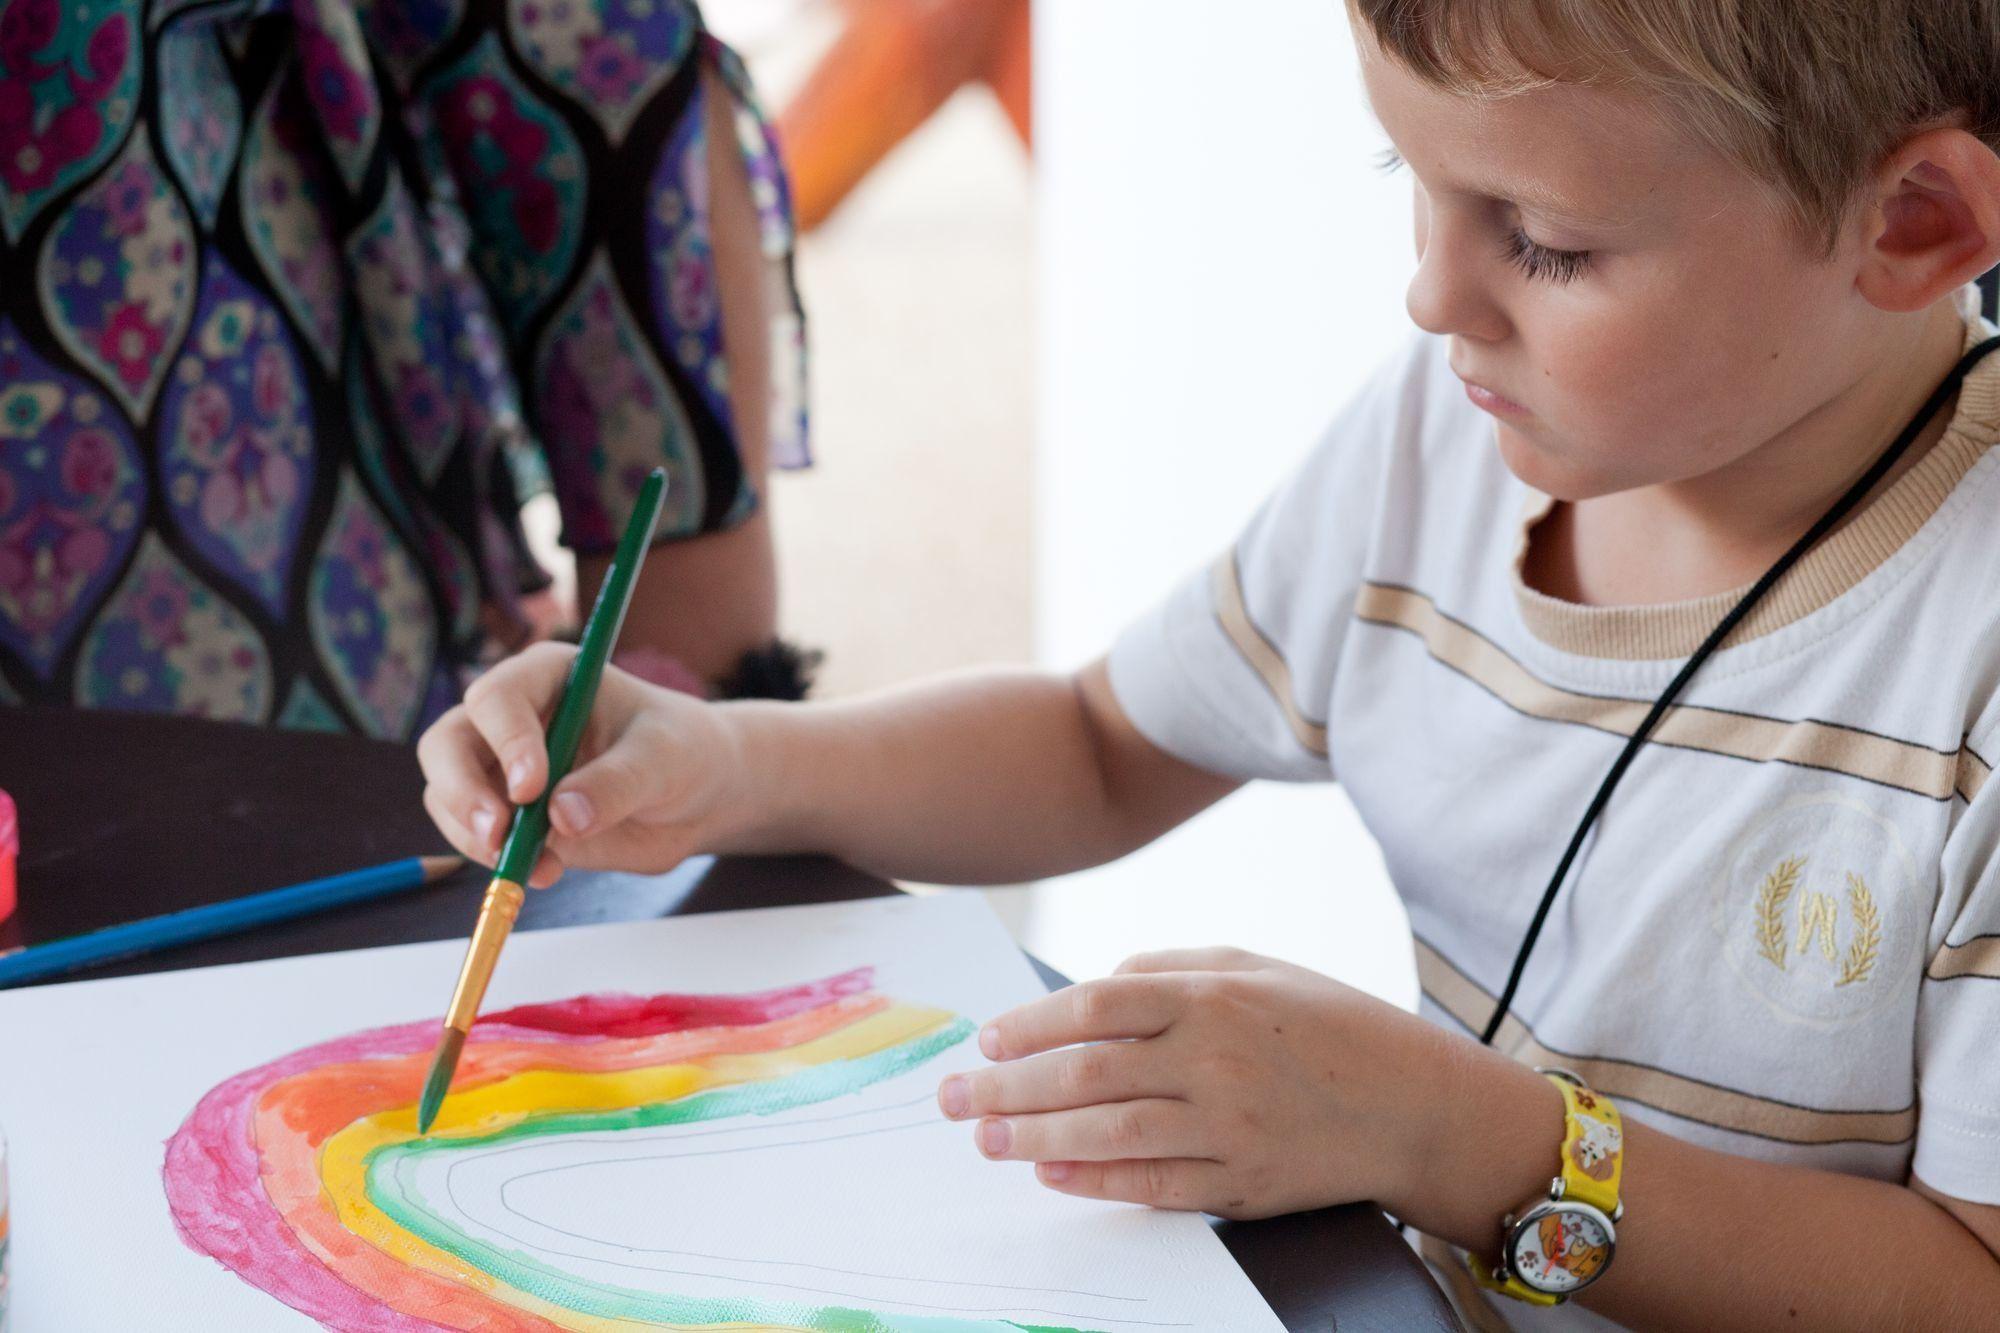 Картинки для рисования детям фото